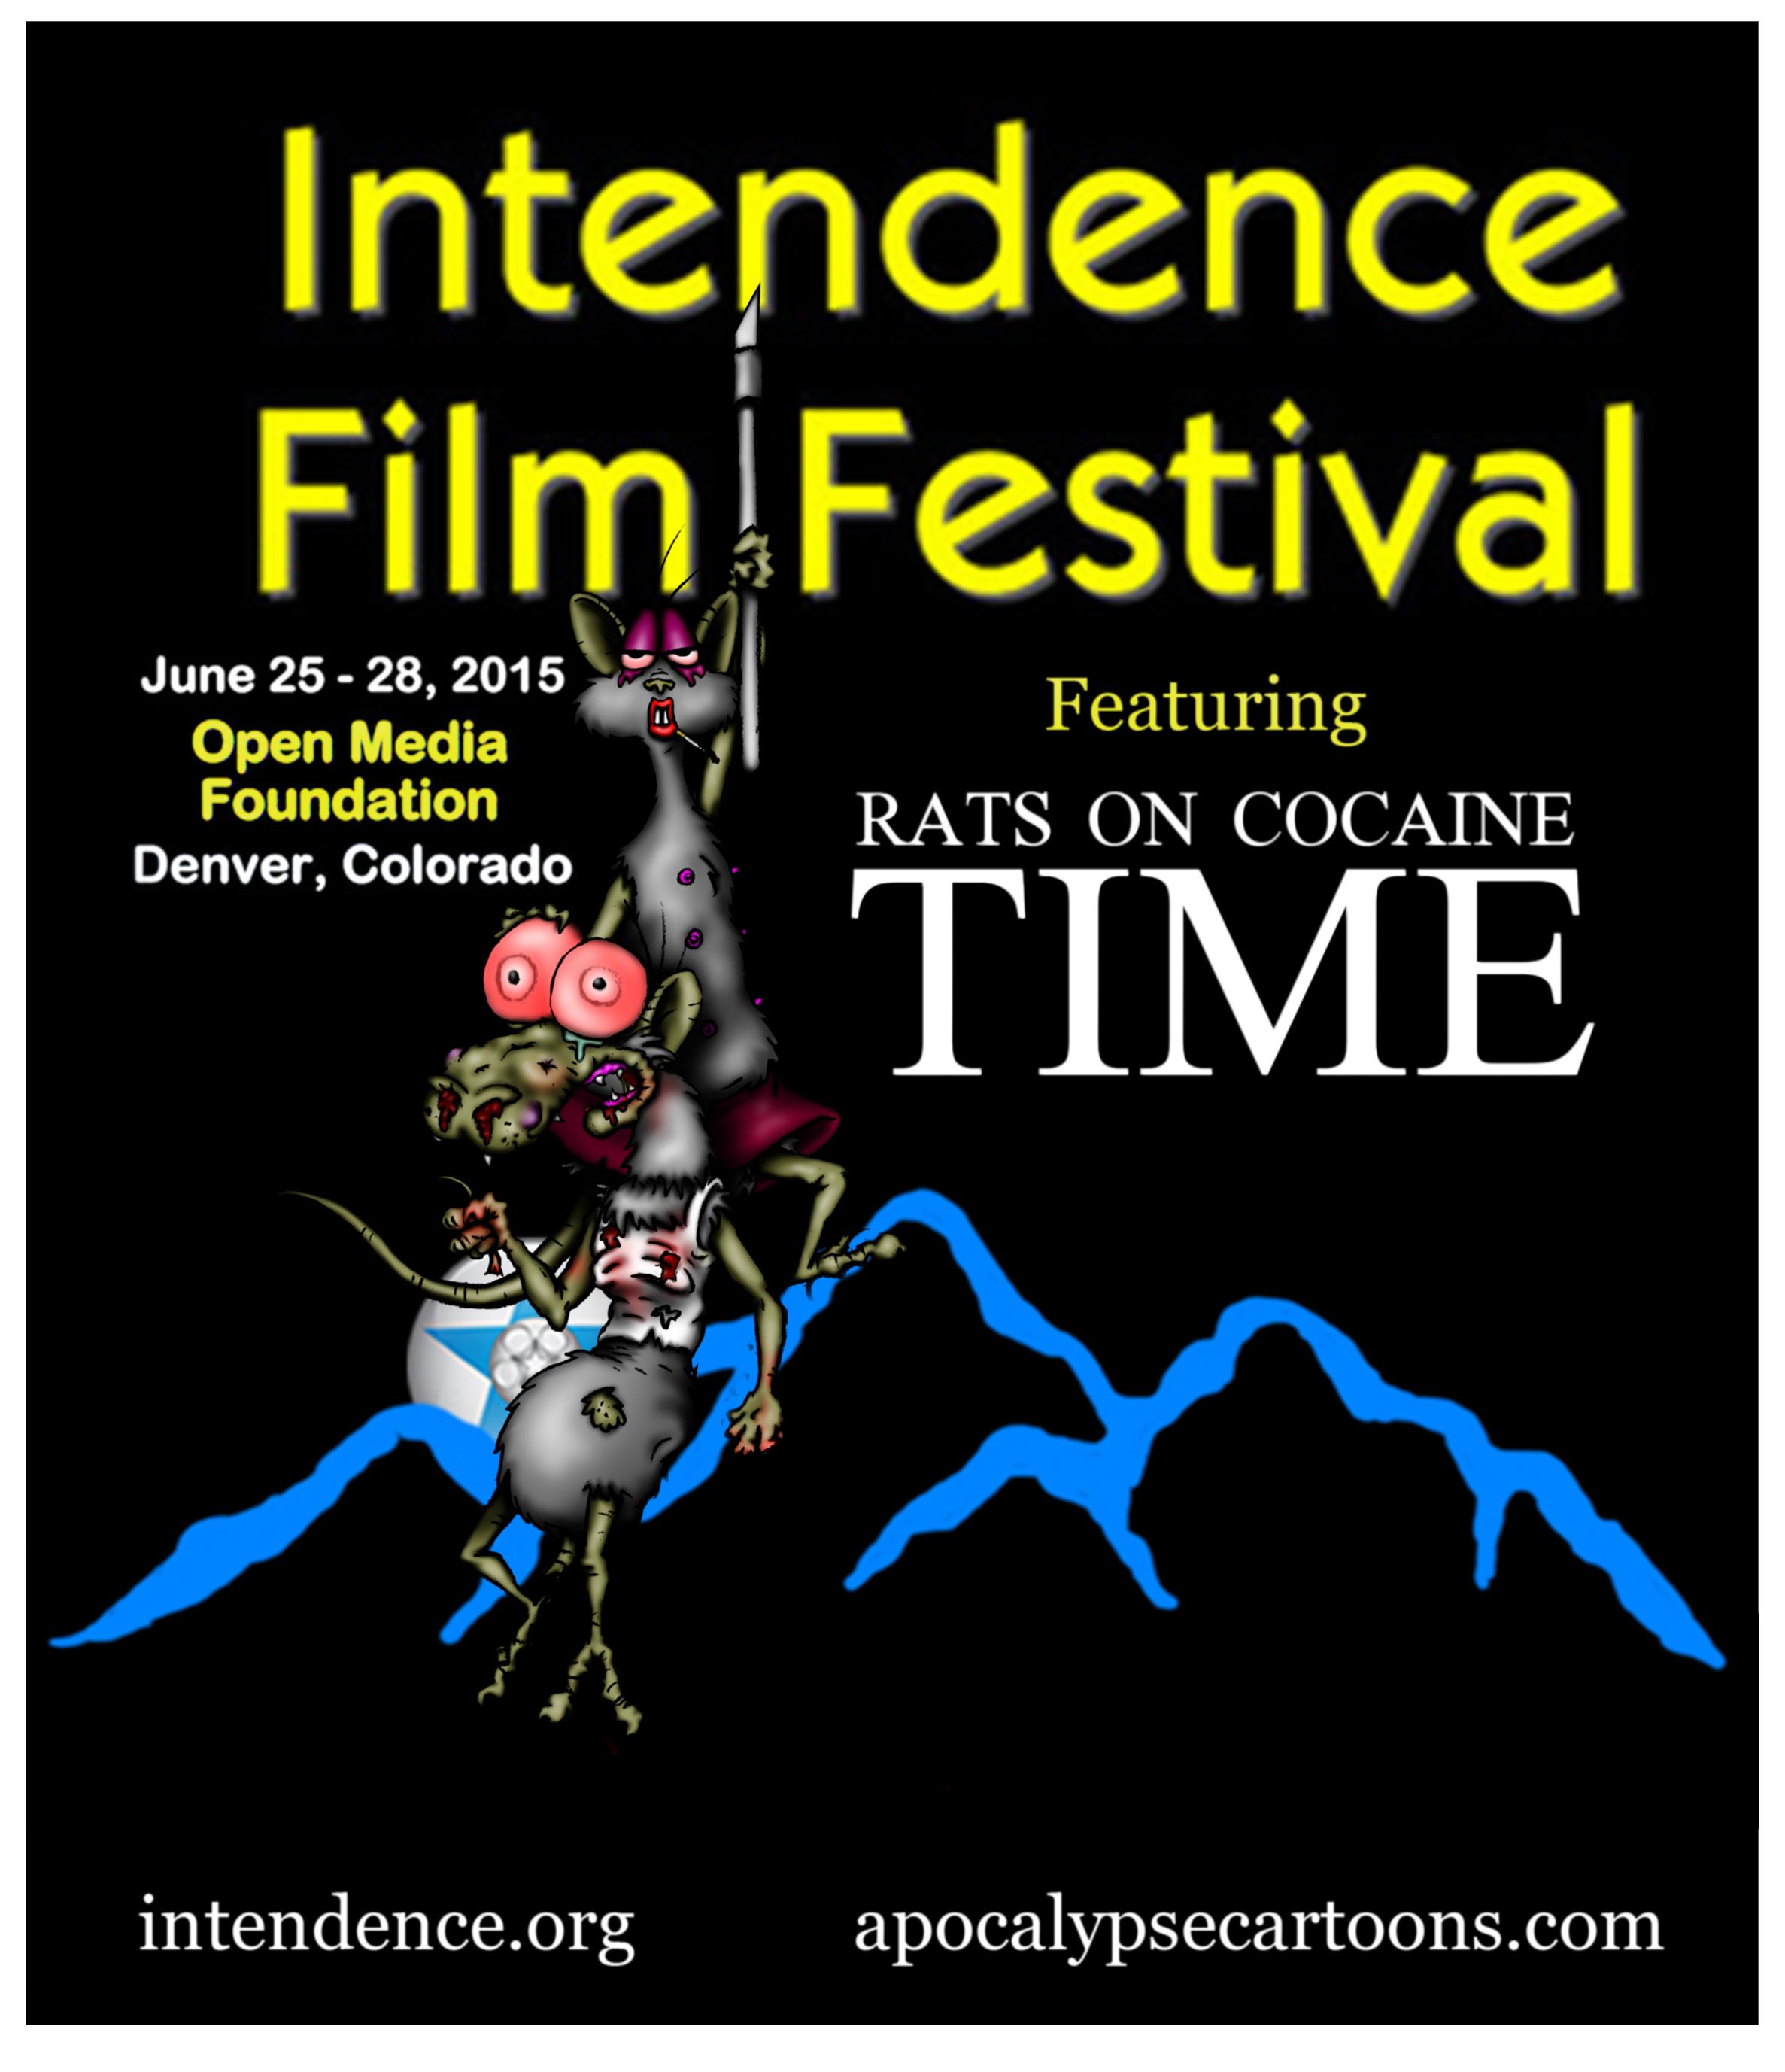 Intendence Film Festival